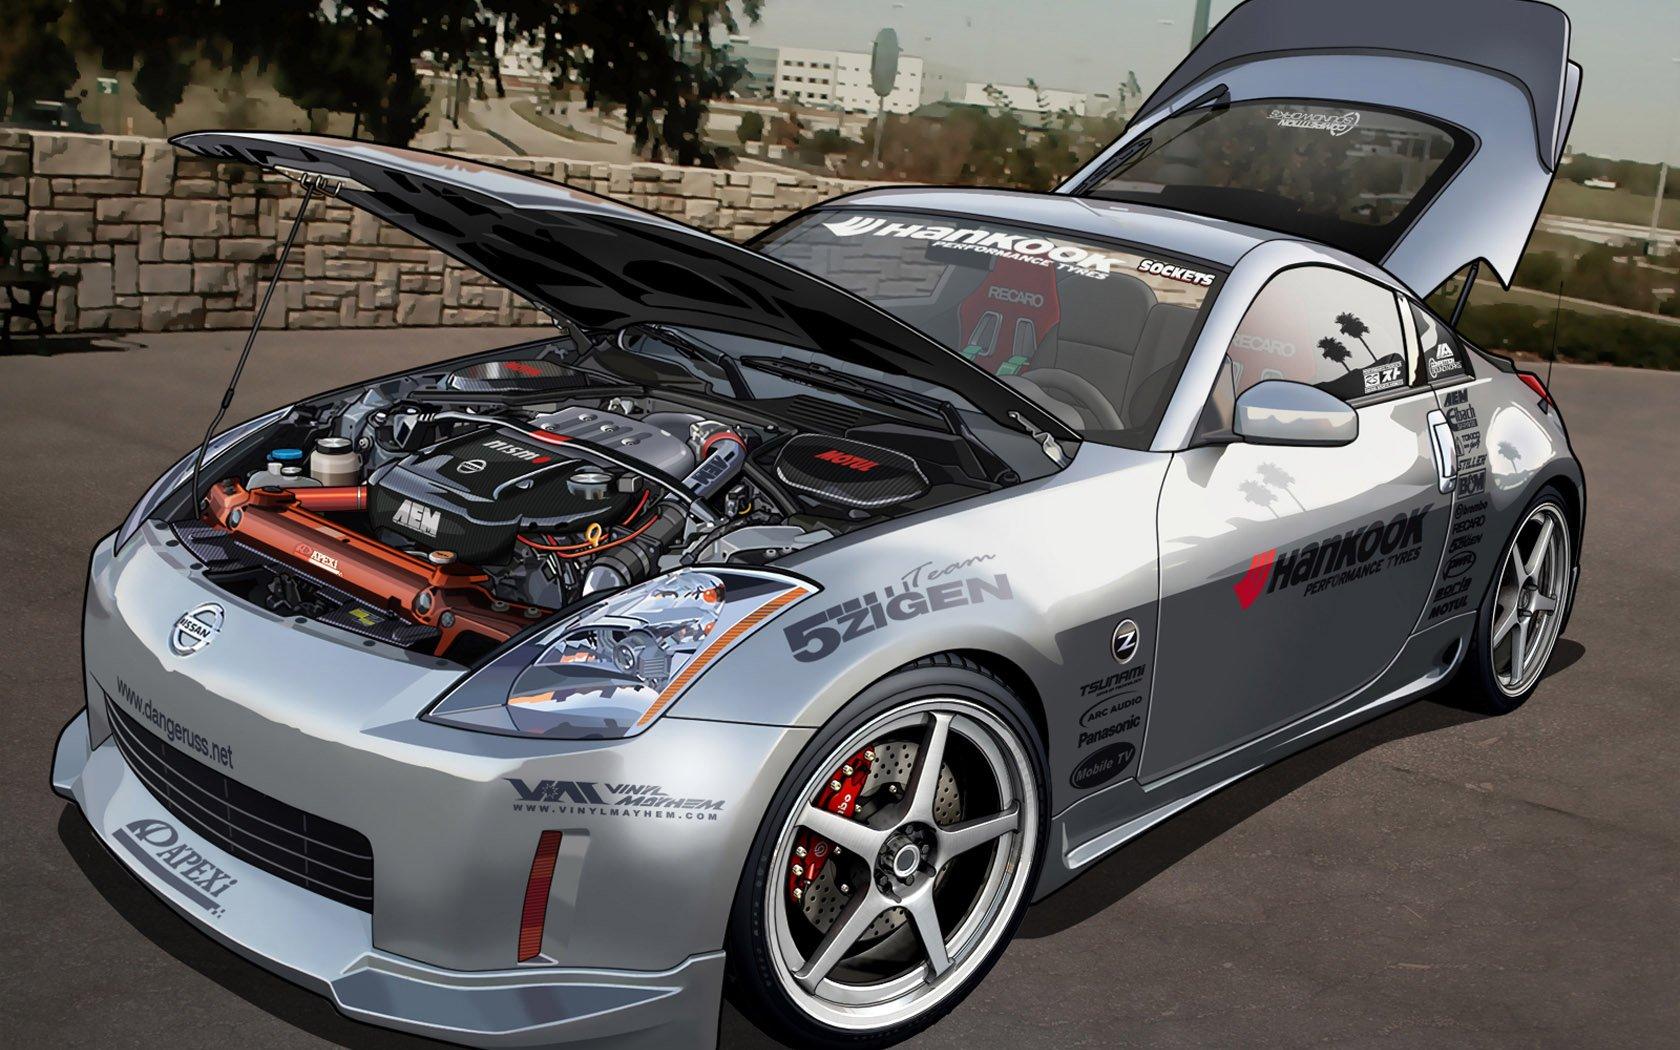 Nissan Z350 Tunning Wallpaper 1680x1050 419342 Wallpaperup